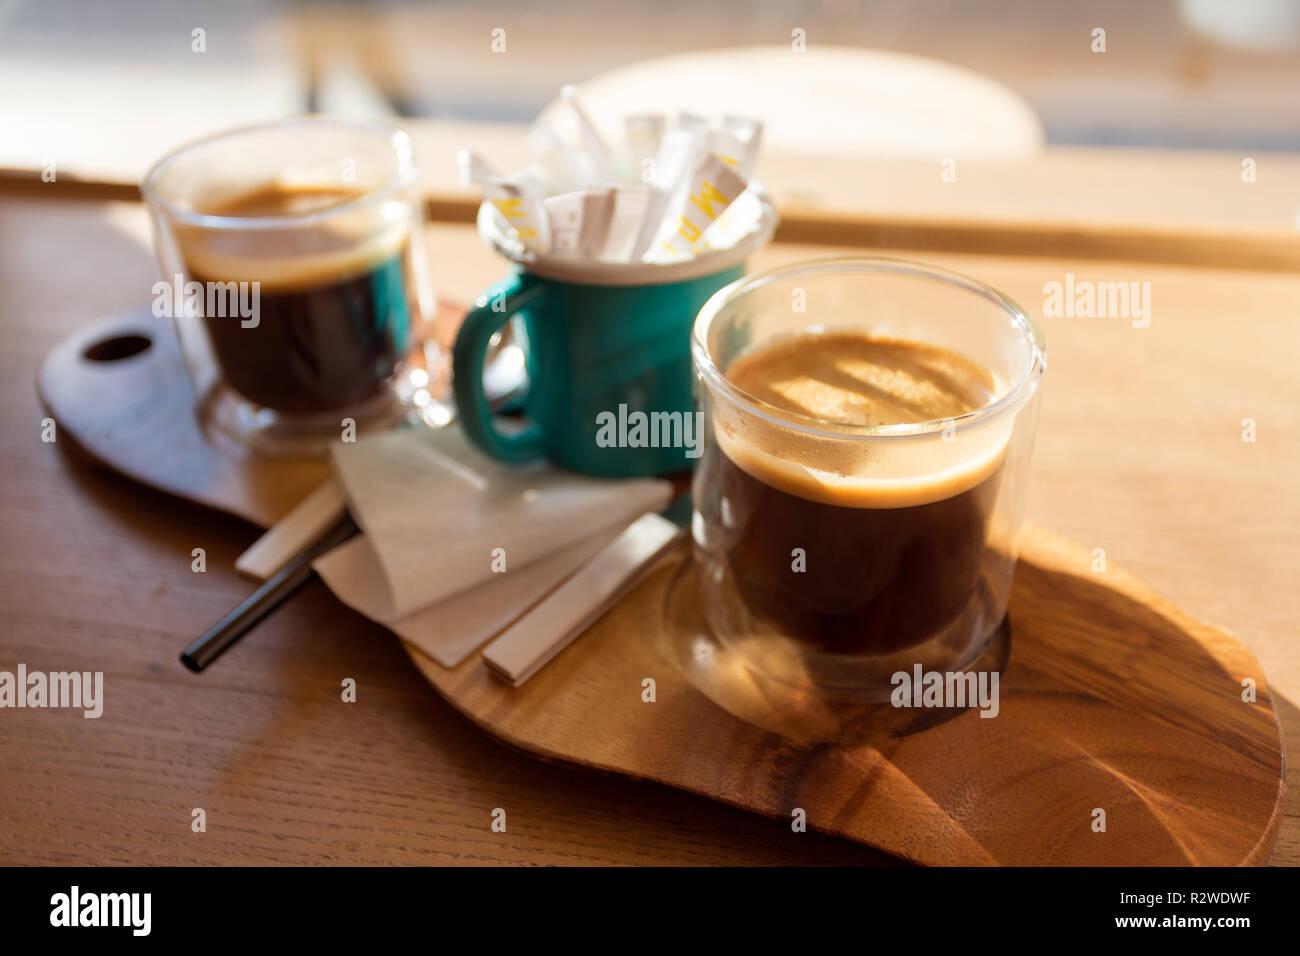 Vassoio in legno con due tazze di caffè sul tavolo di fronte alla finestra Immagini Stock